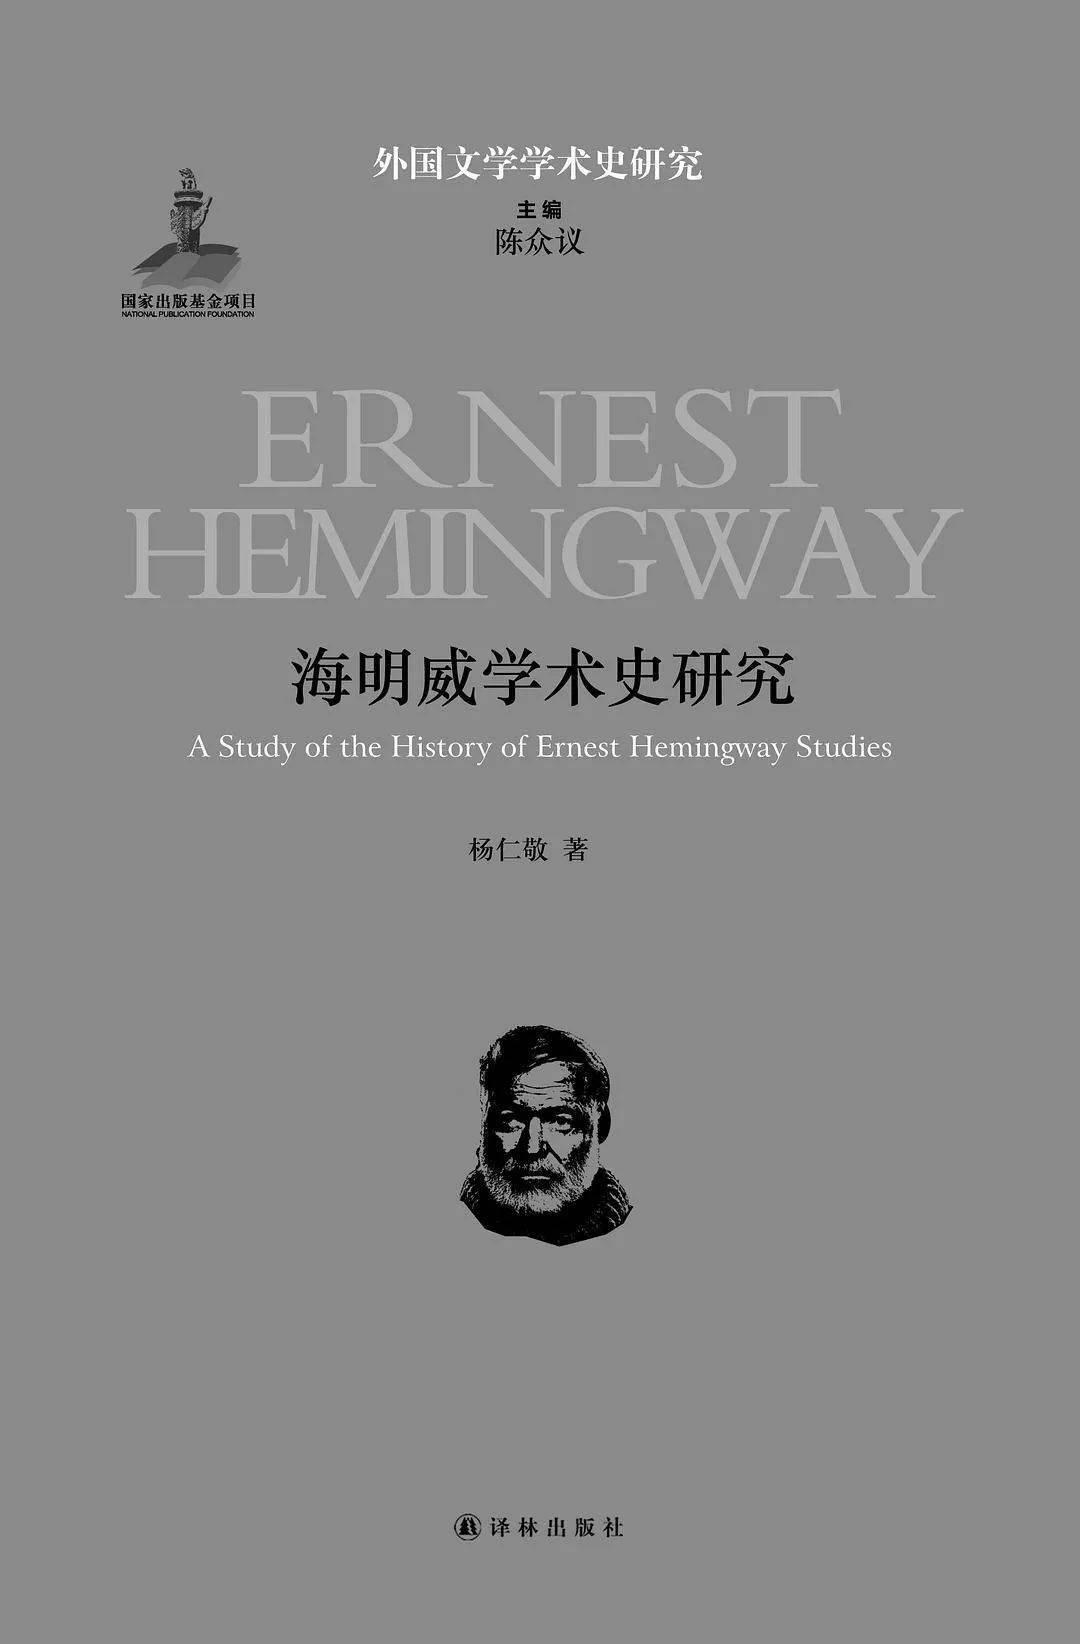 获奖著作推介 | 杨仁敬:《海明威学术史研究》